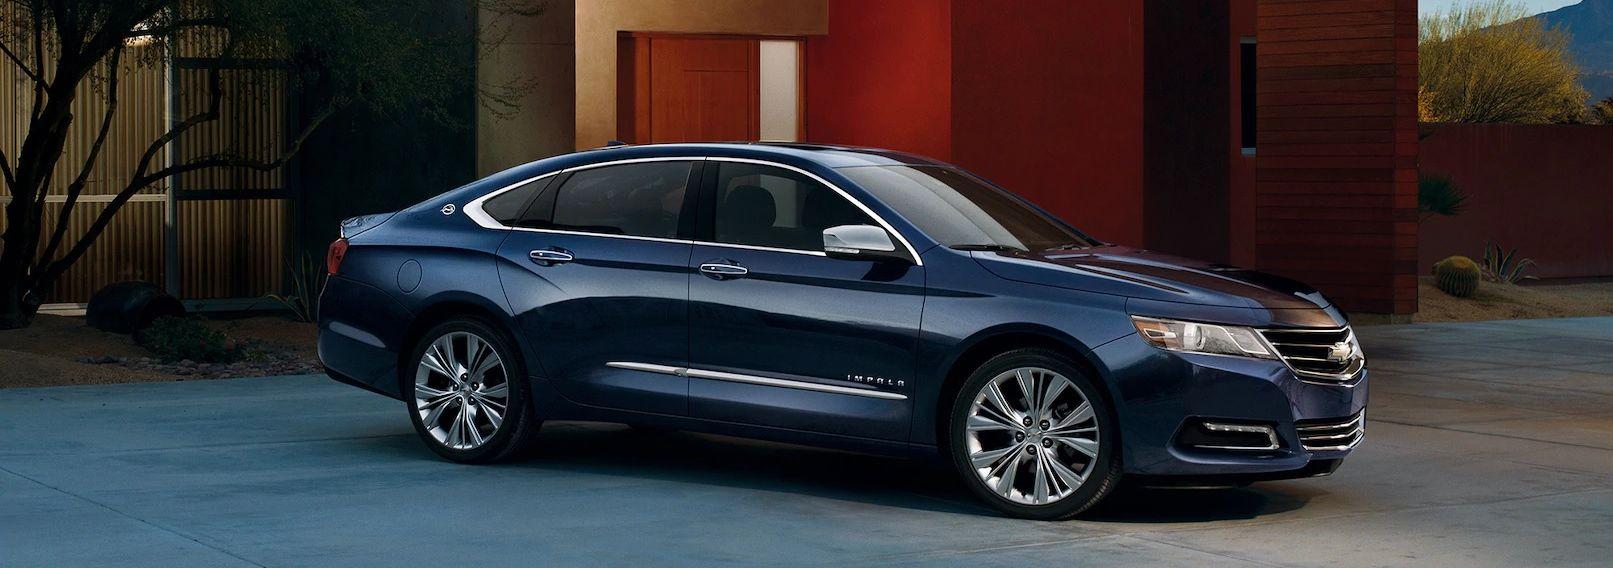 2019 Chevrolet Impala For Sale Near Tulsa Ok David Stanley Auto Group 200 Hyundai Sonata Antenna Wiring Diagram